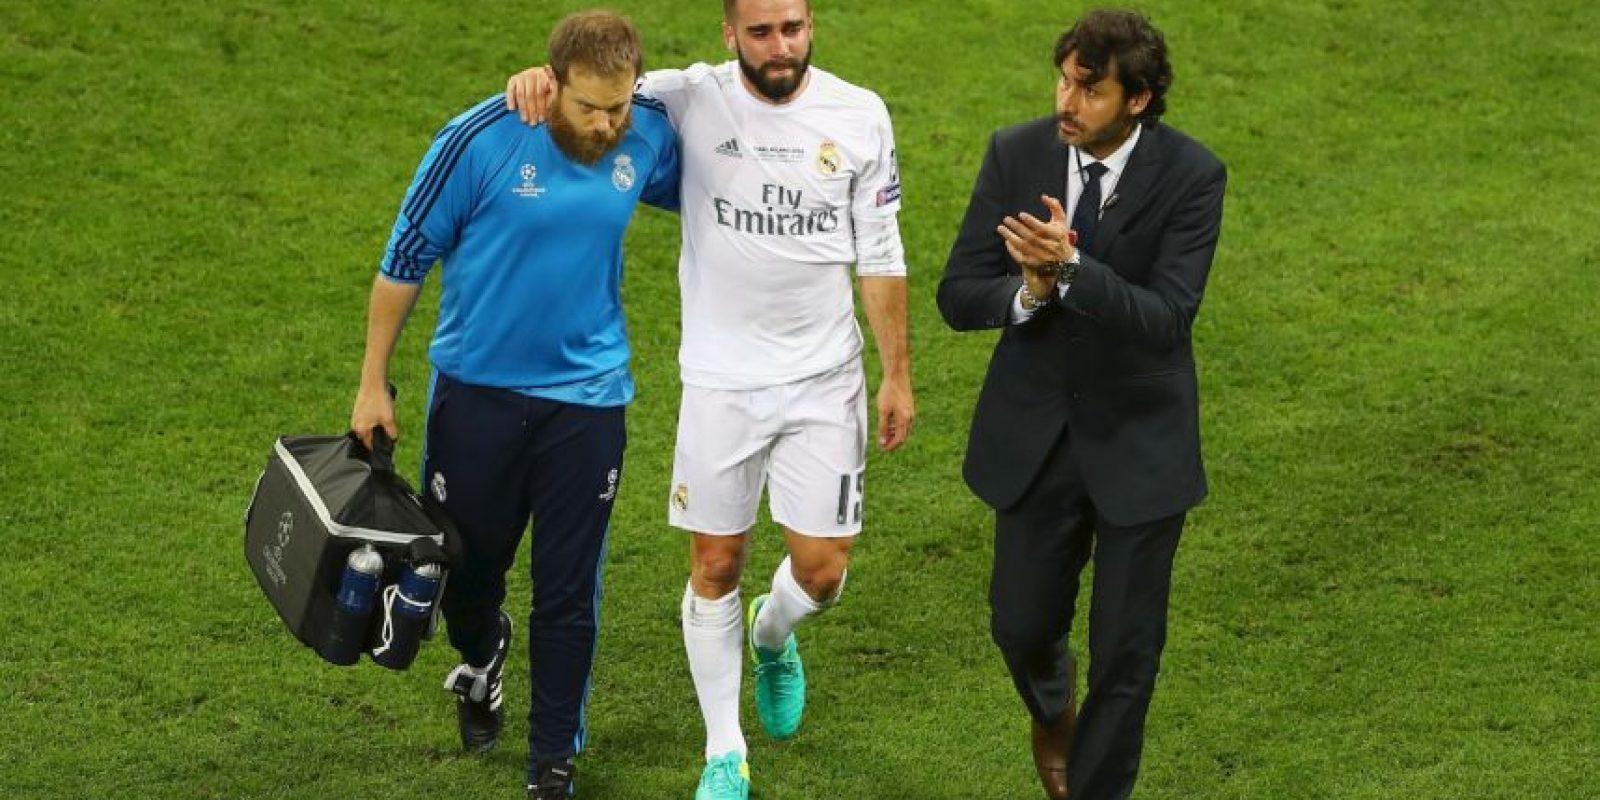 Estaba llamado a ser el titular de la Roja en la Eurocopa, pero se lesionó en la final de la Champions League y tuvo que ser desconvocado por Vicente del Bosque. Sus lágrimas tras lesionarse lo decían todo Foto:Getty Images